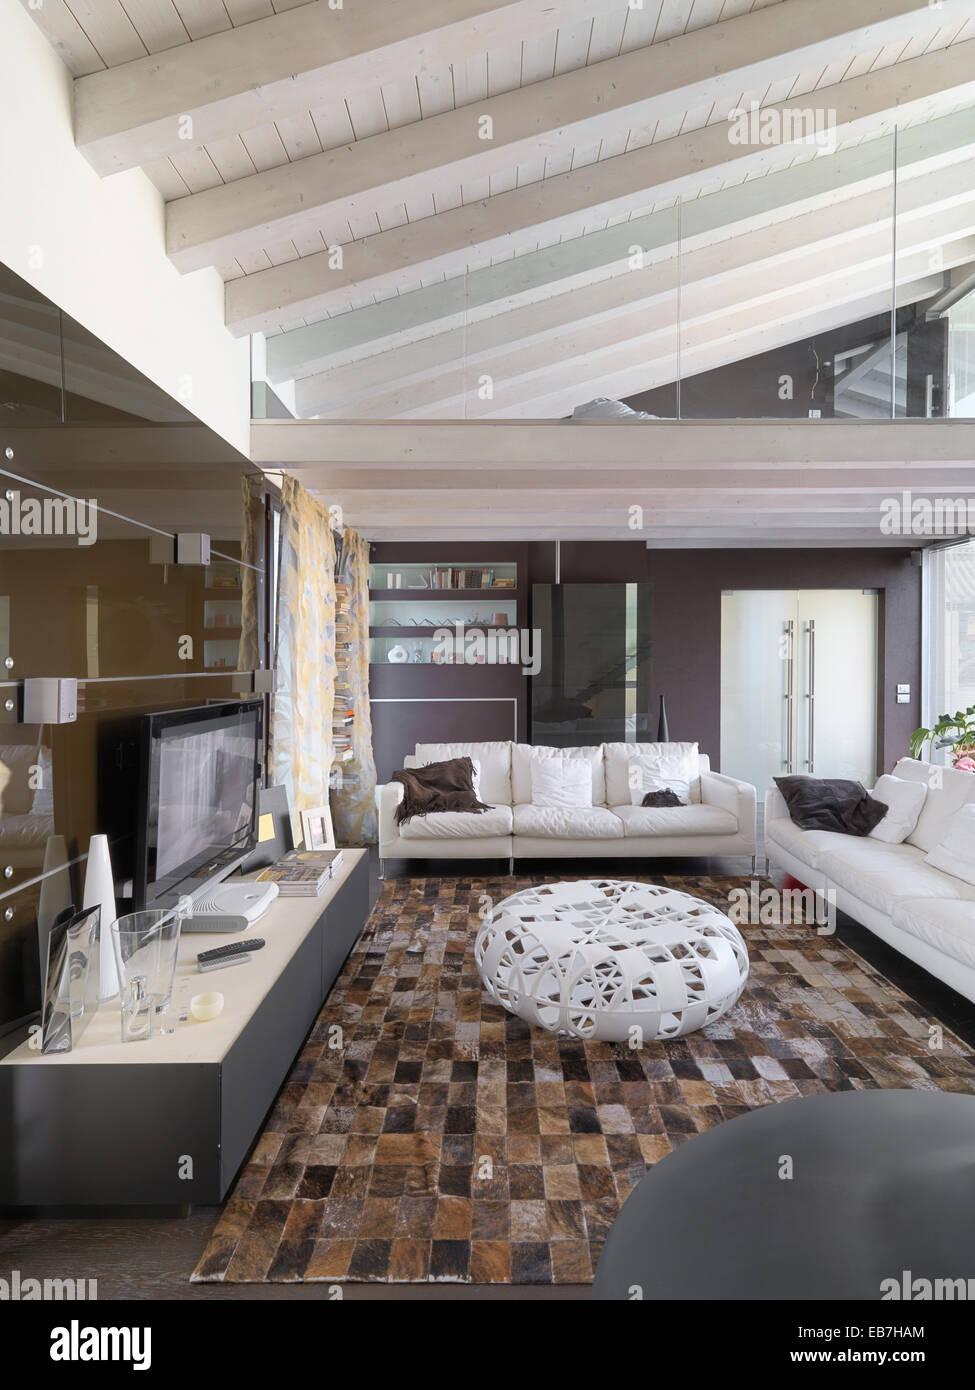 Vista interior de una moderna sala de estar en el ático, con techo de madera y moqueta Imagen De Stock